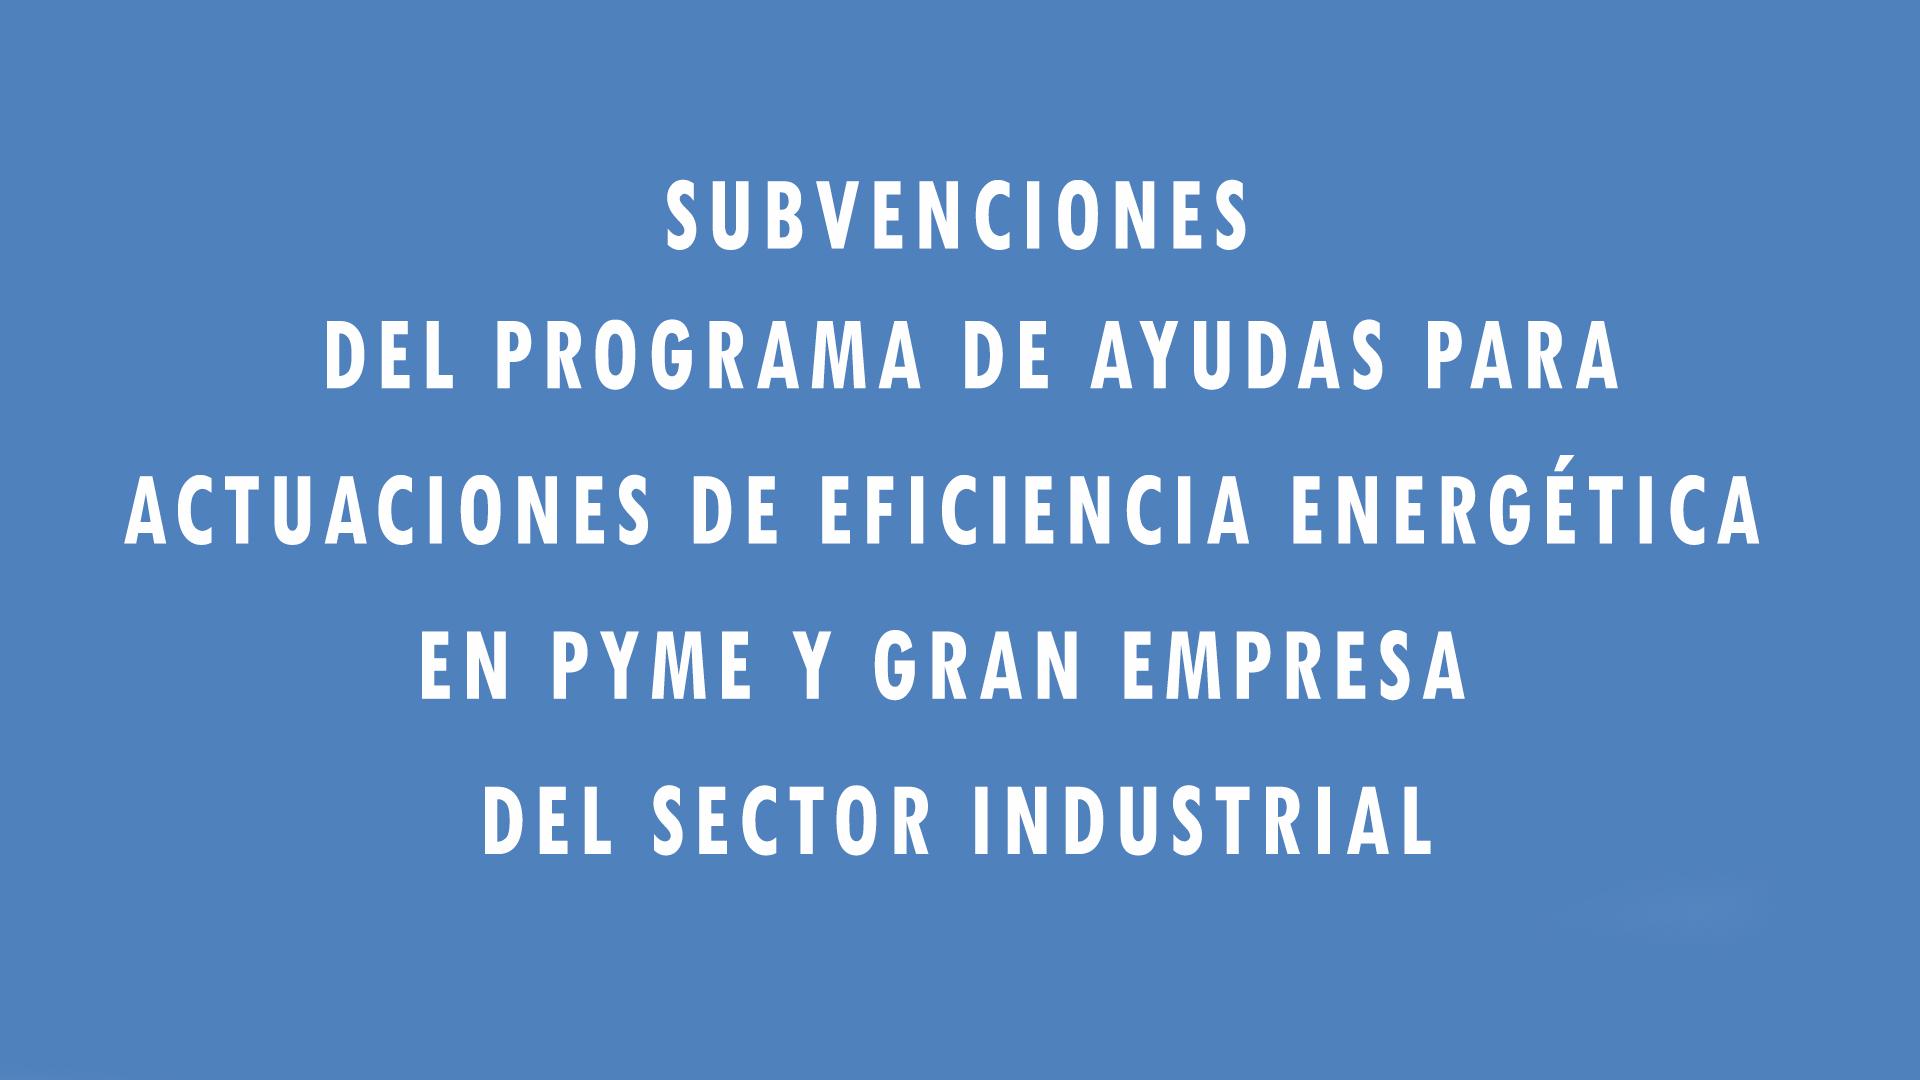 Subvenciones del programa de ayudas para actuaciones de eficiencia energética en pyme y gran empresa del sector industrial